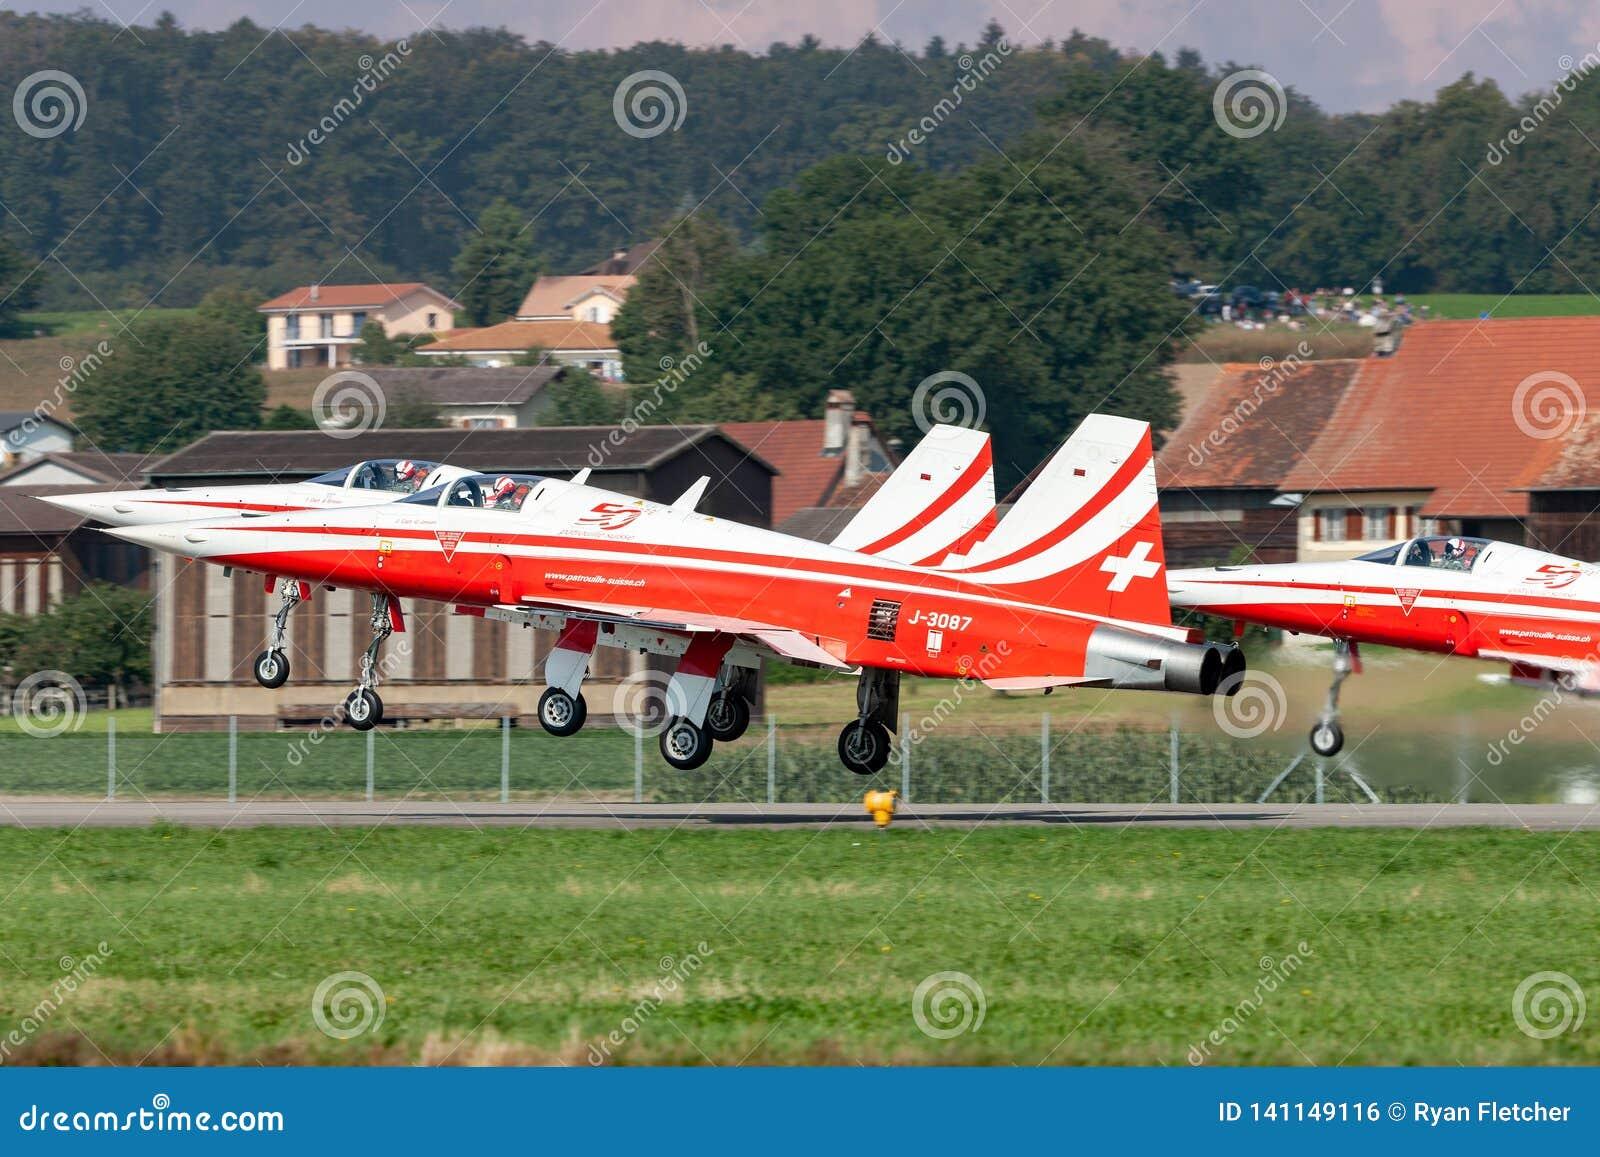 Northrop F-5E kämpeflygplan från det schweiziska laget Patrouille Suisse för flygvapenbildandeskärm